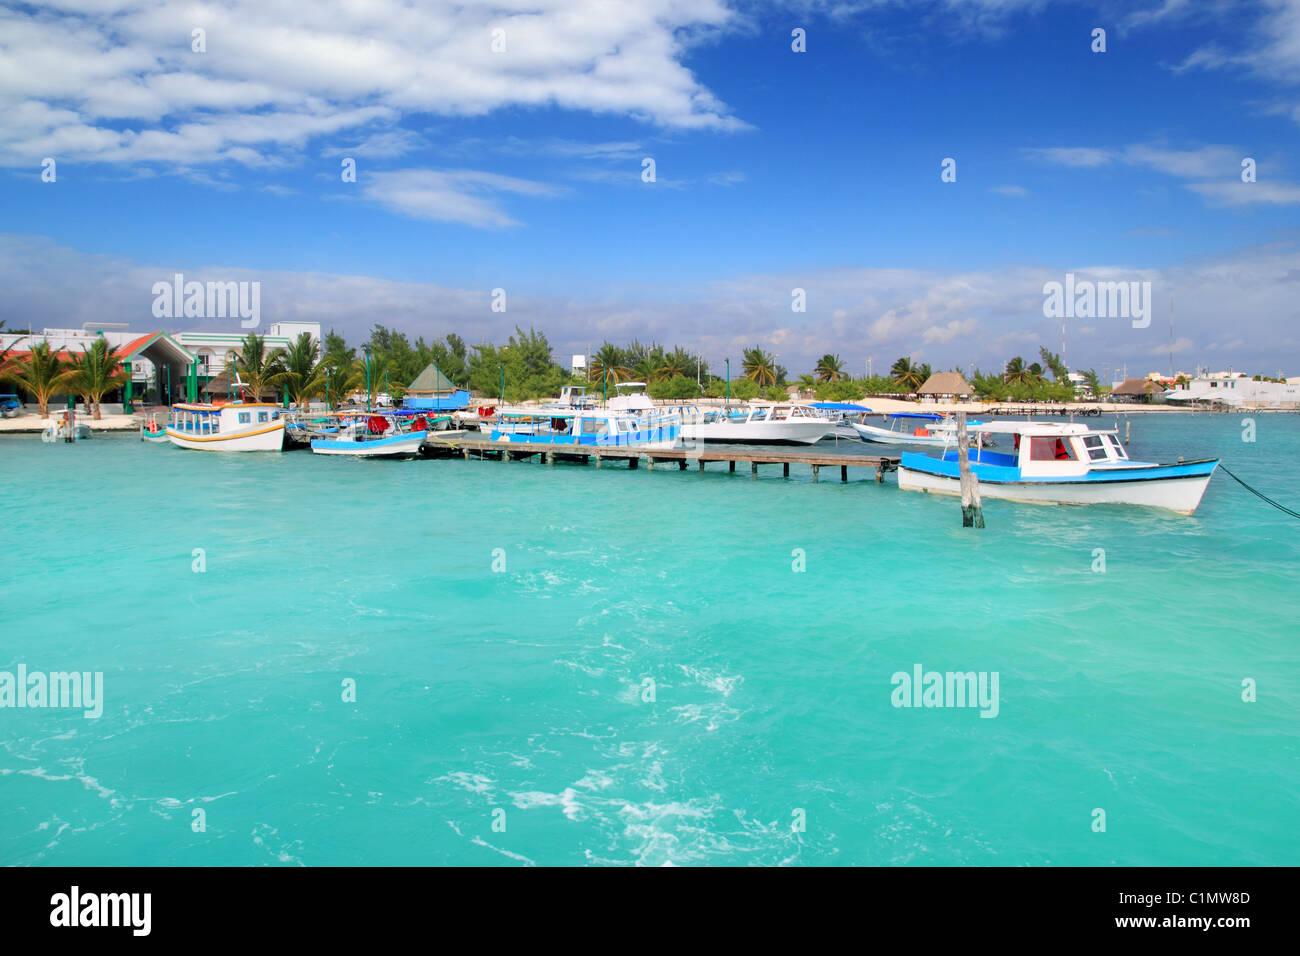 Puerto Juarez Cancun Quintana Roo tropical Caribbean boats - Stock Image